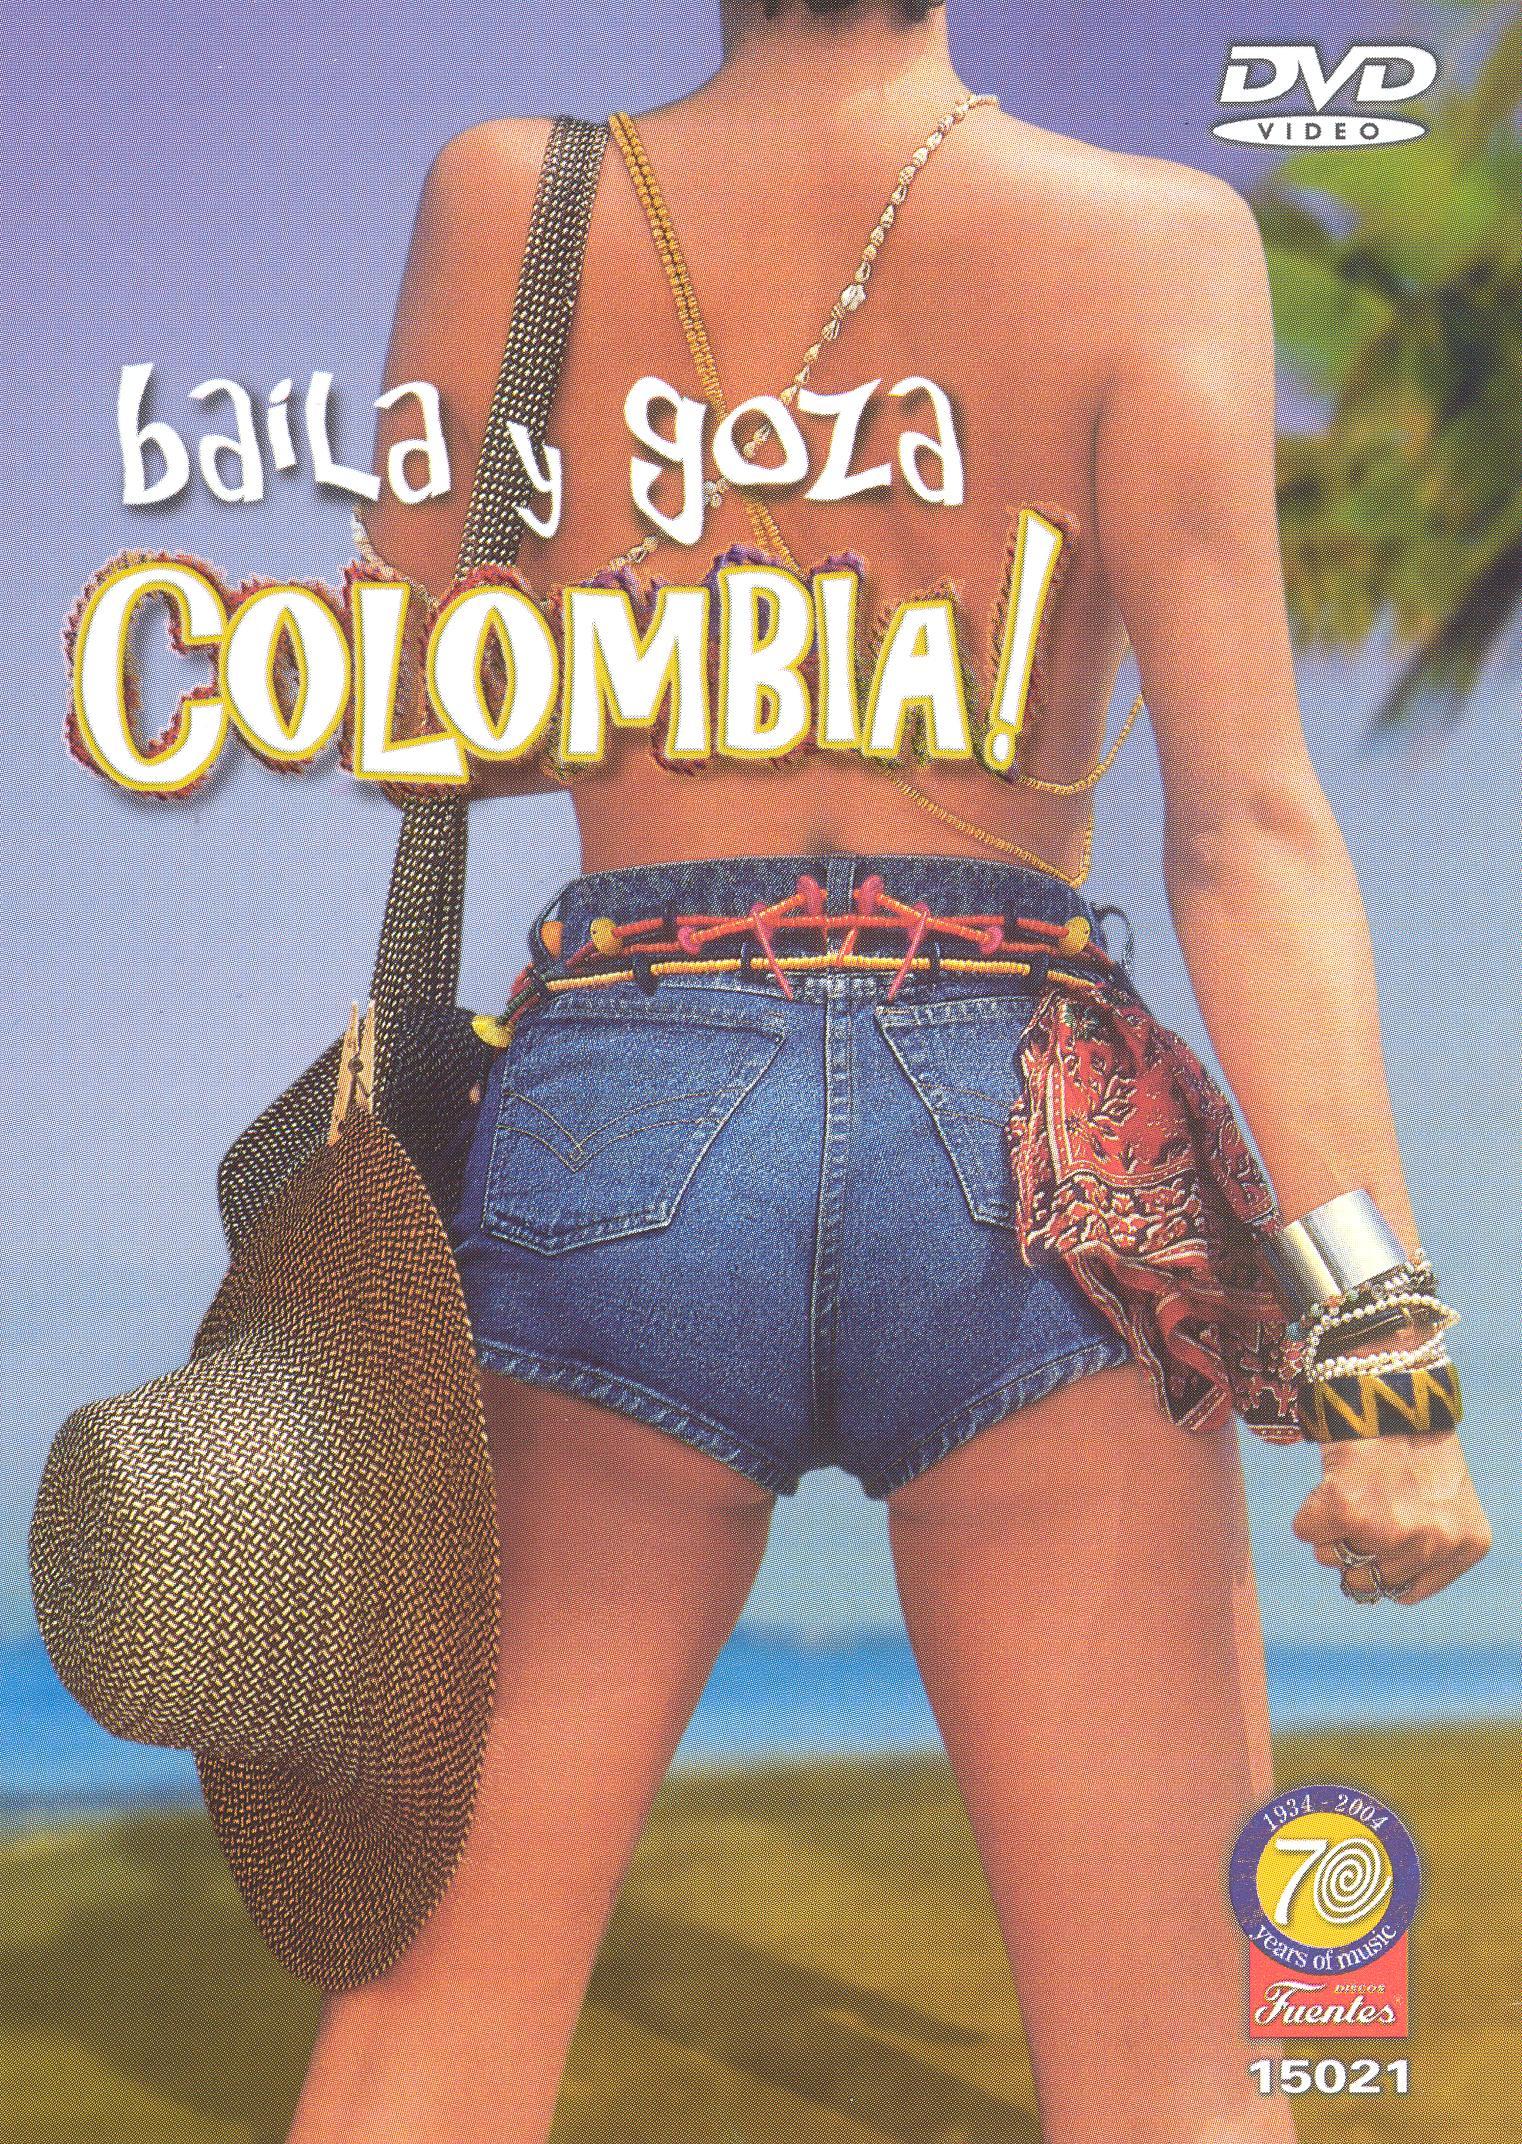 Baila y Goza Colombia!